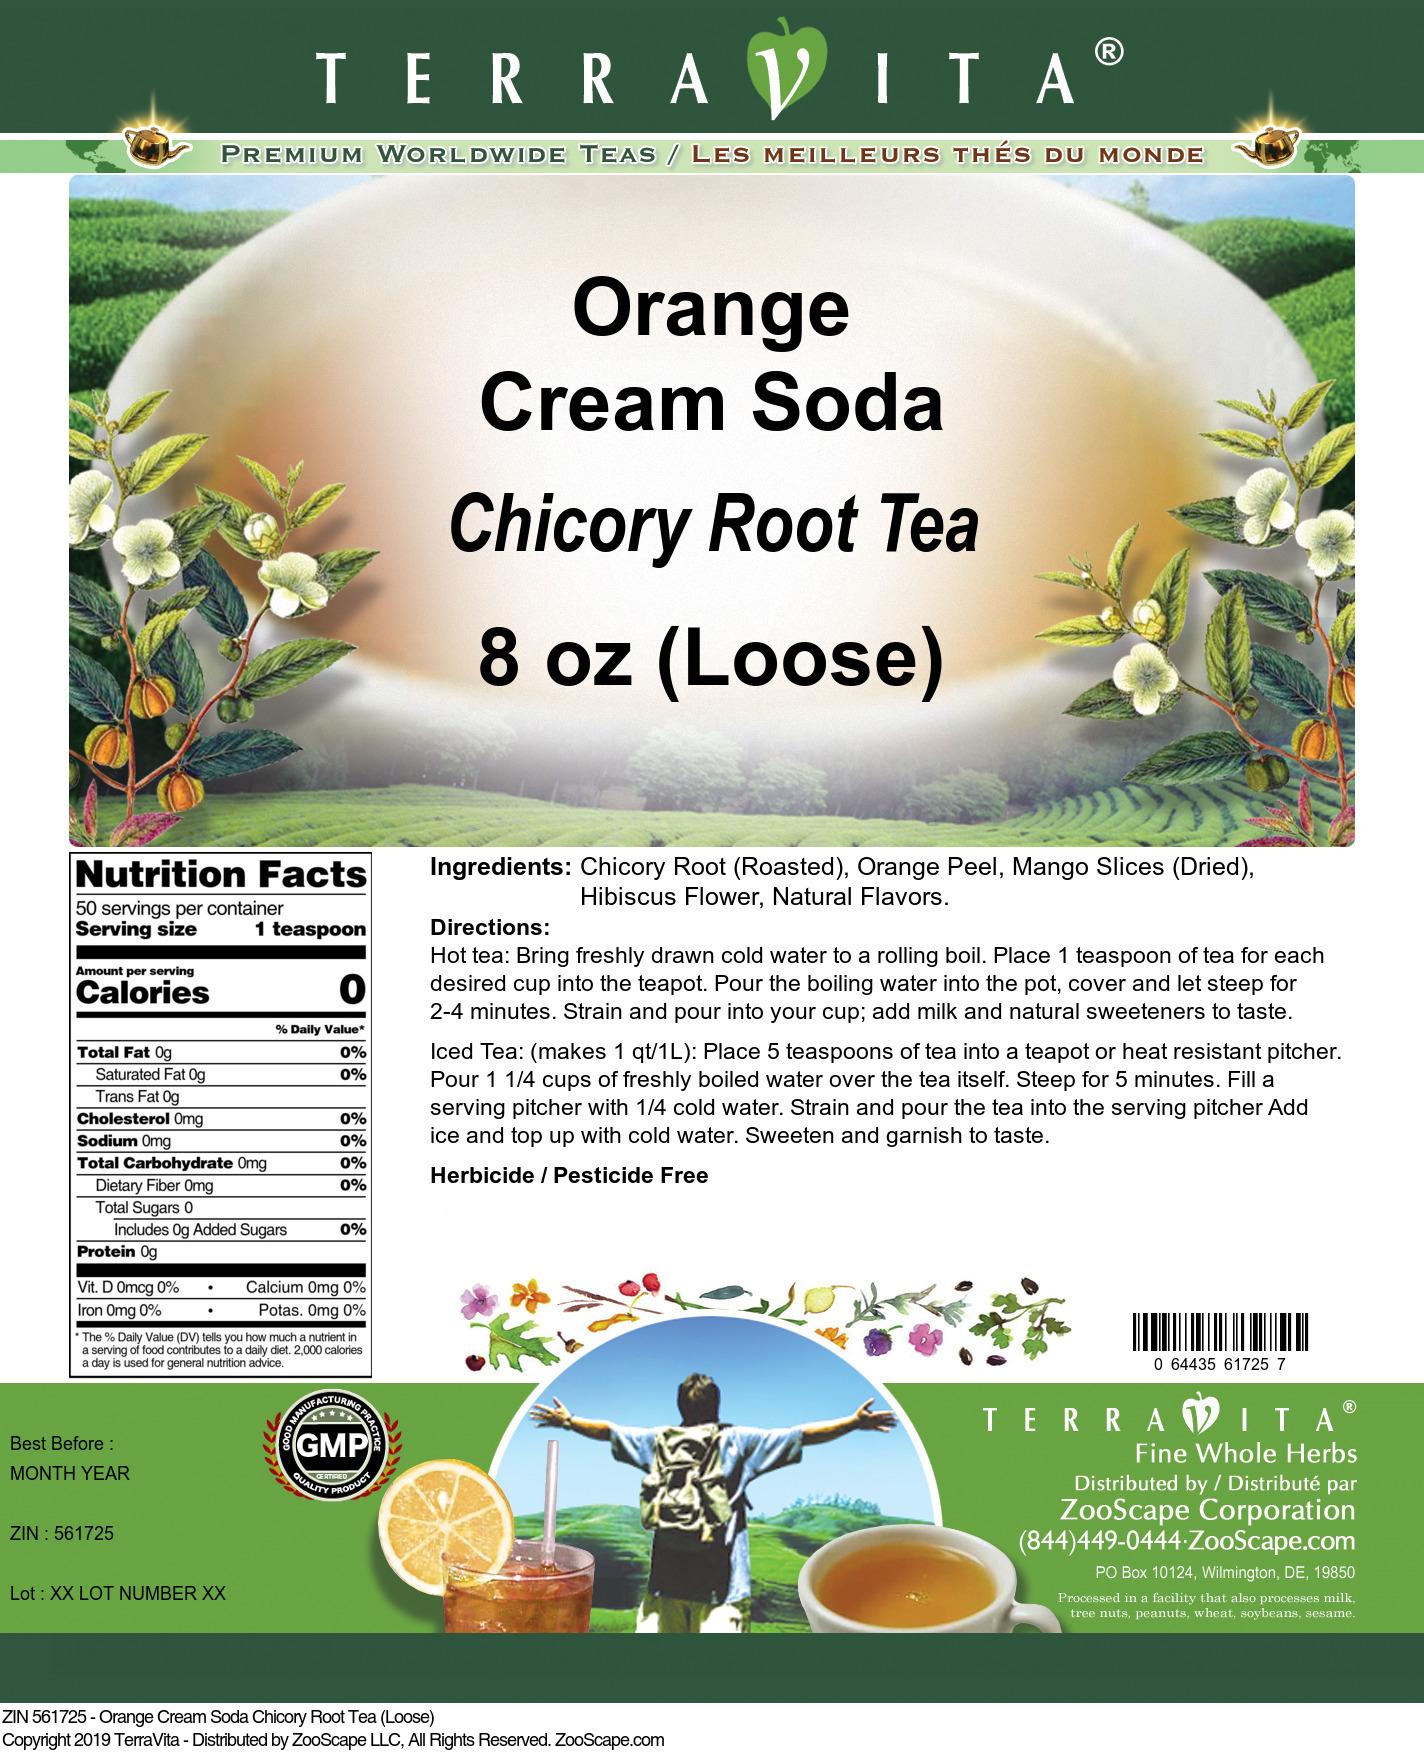 Orange Cream Soda Chicory Root